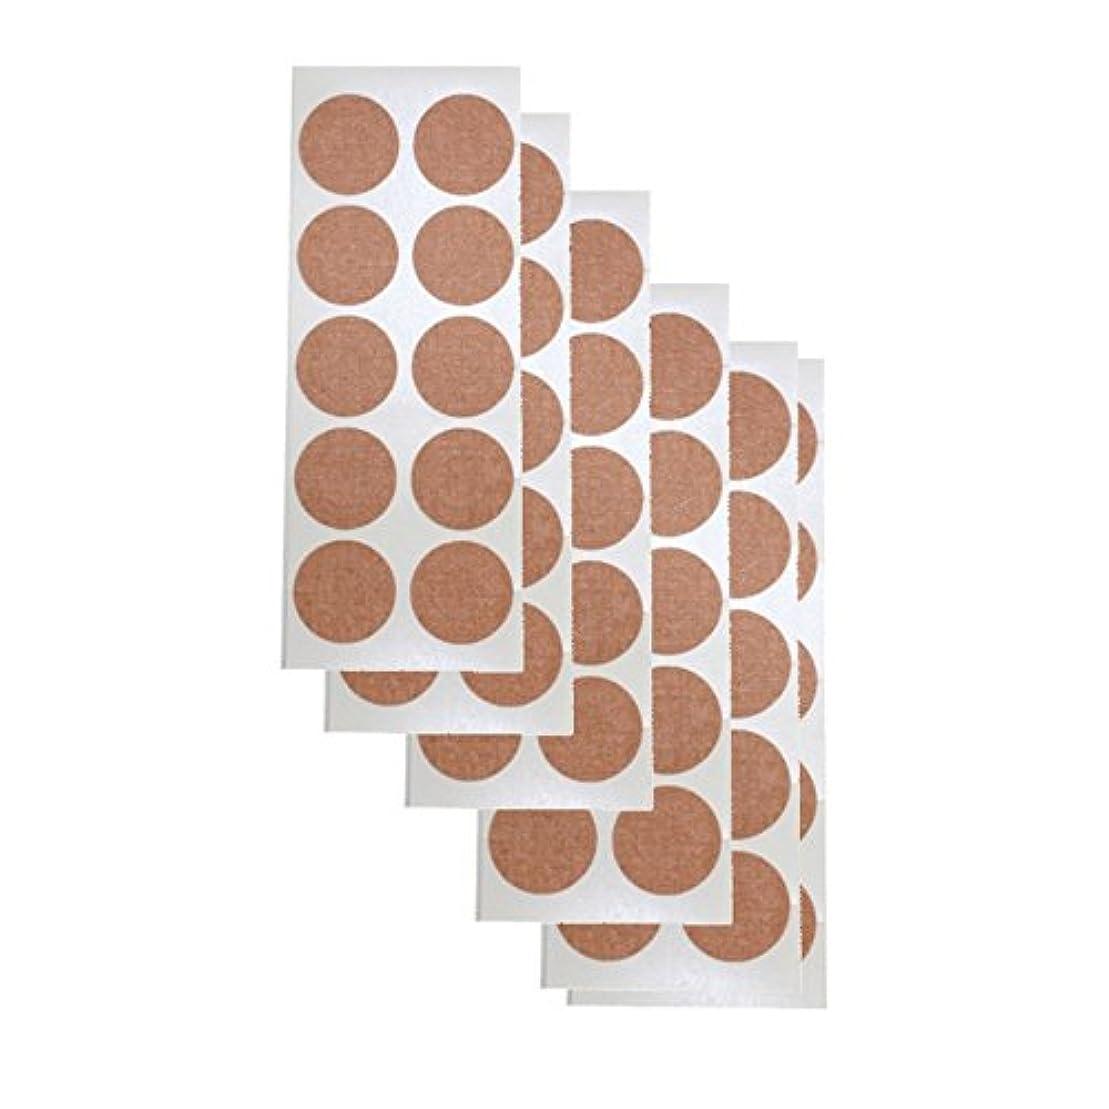 駅口ひげ横向きTQチップ 貼り替え用専用シール 効果は半永久的!貼っただけで心身のバランスがとれるTQチップ専用